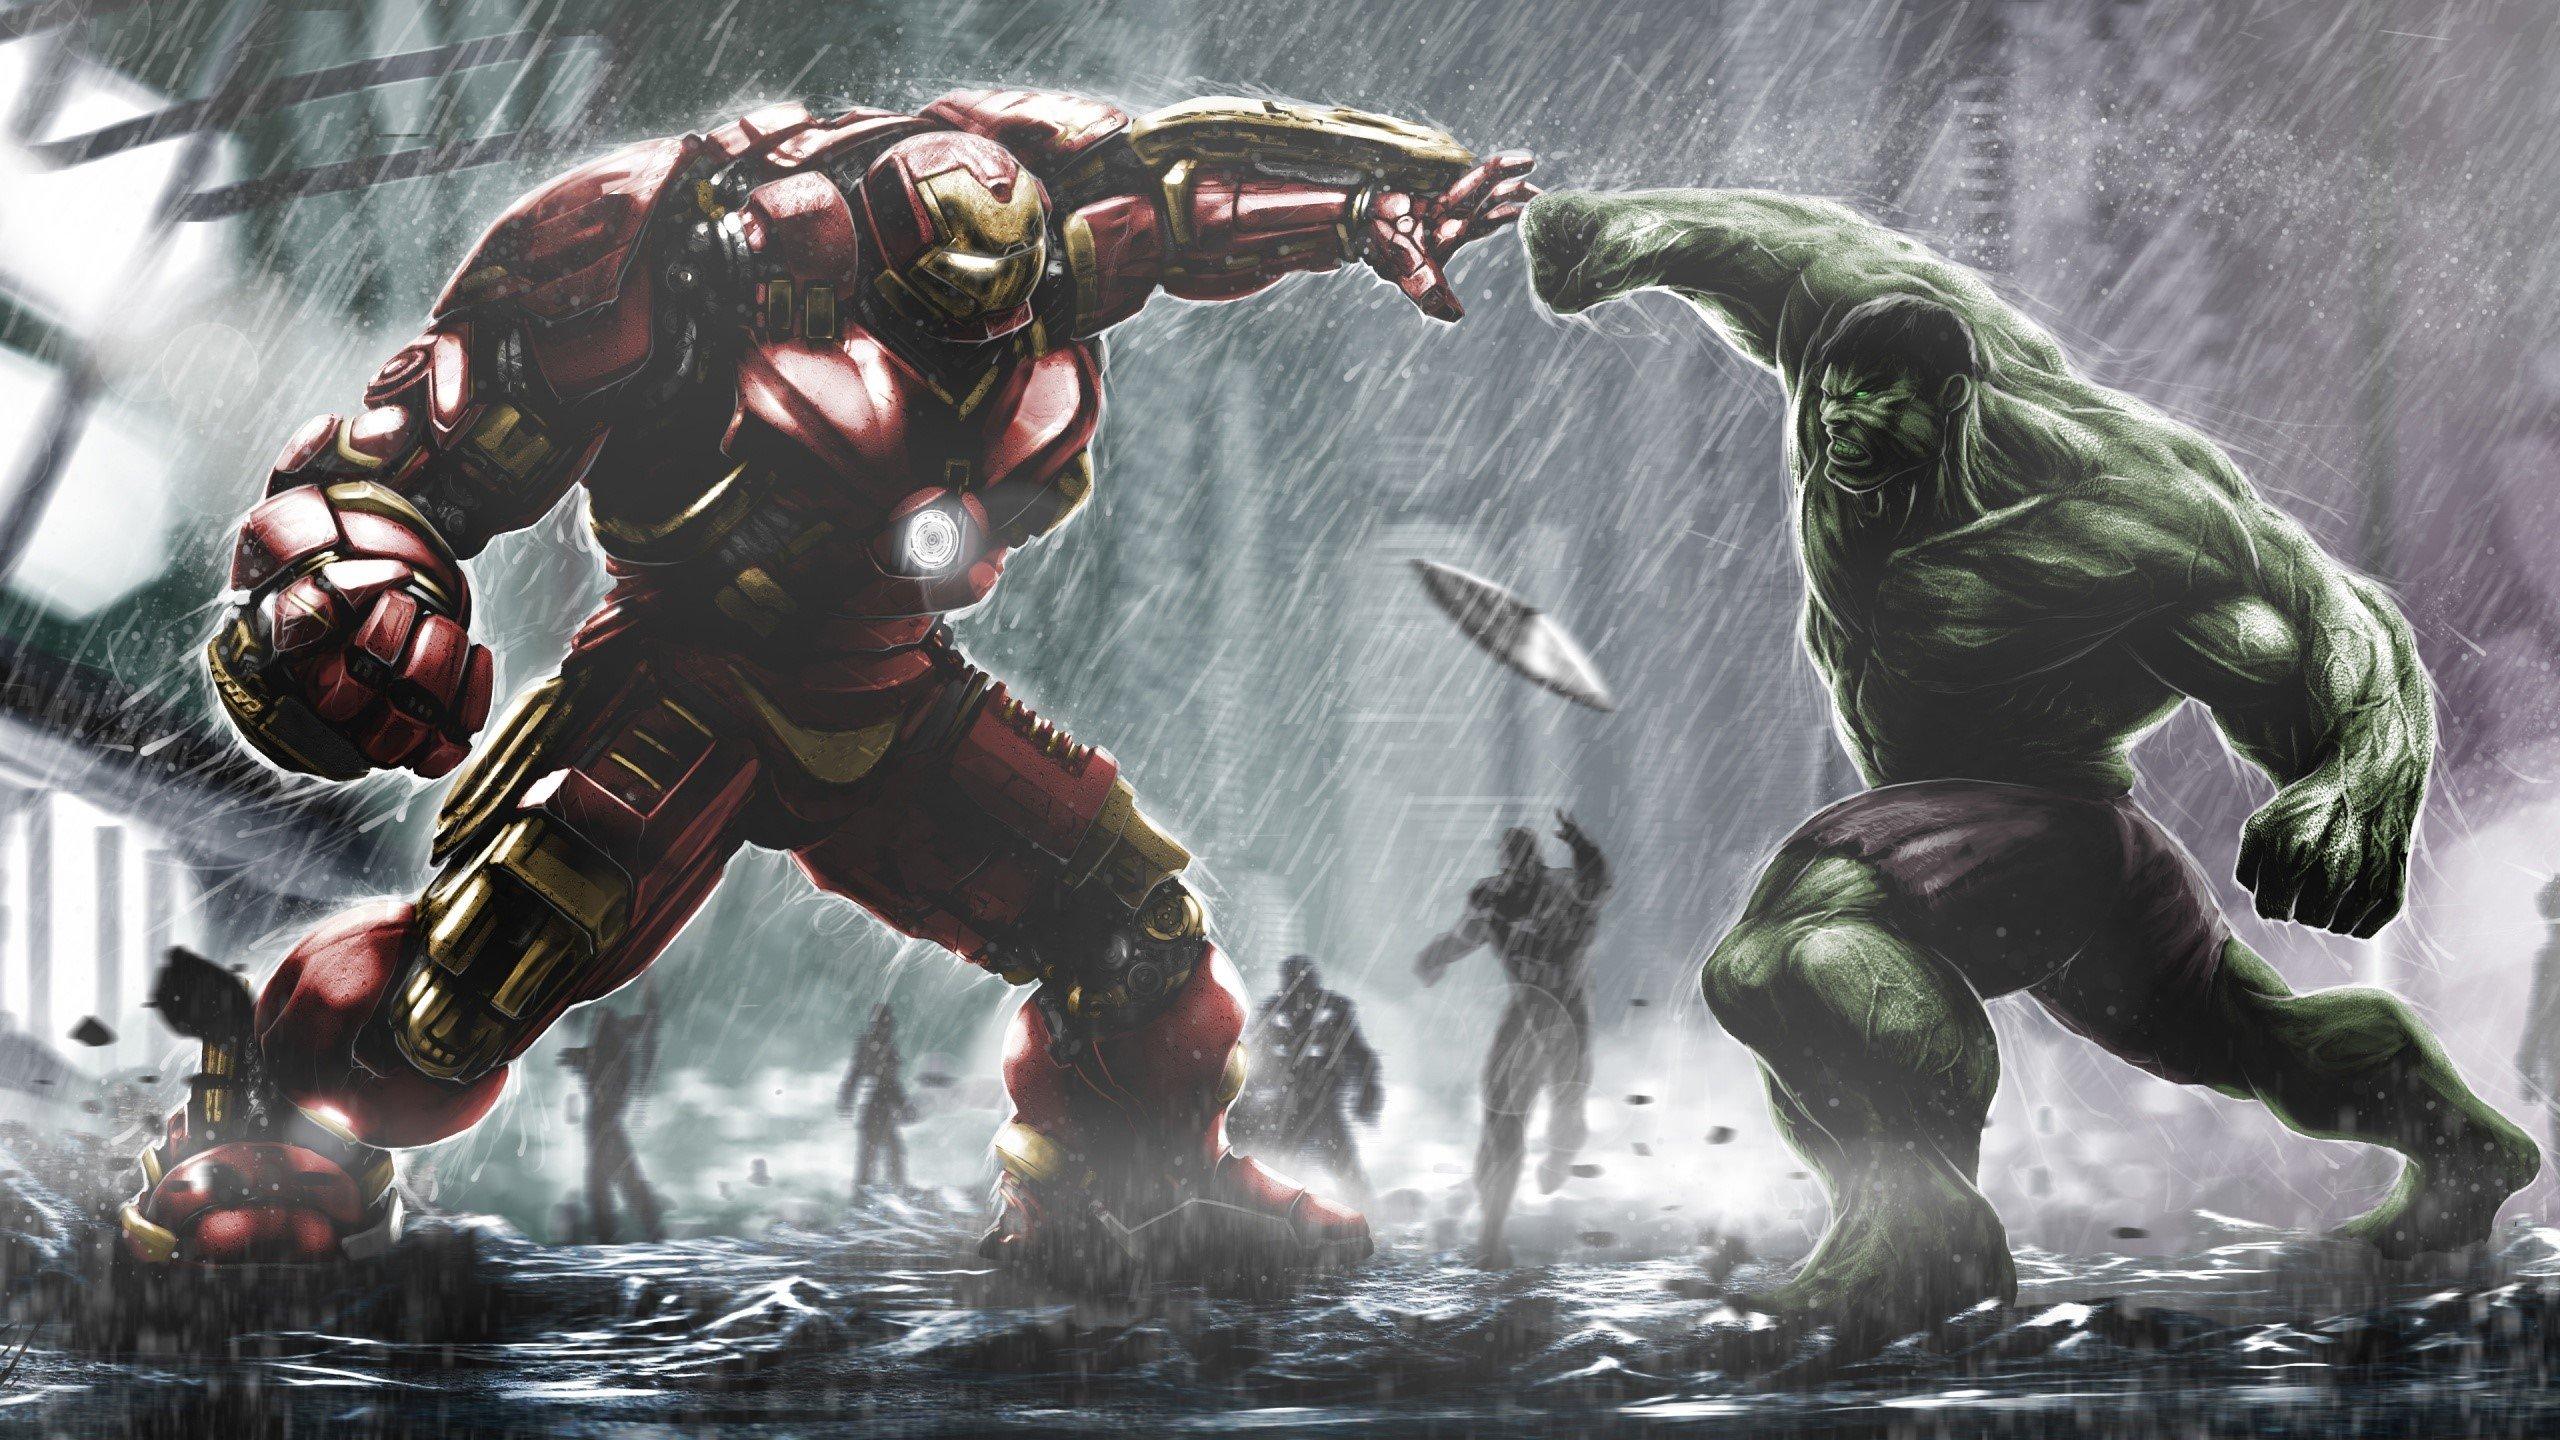 Fondos de pantalla Hulkbuster contra Hulk